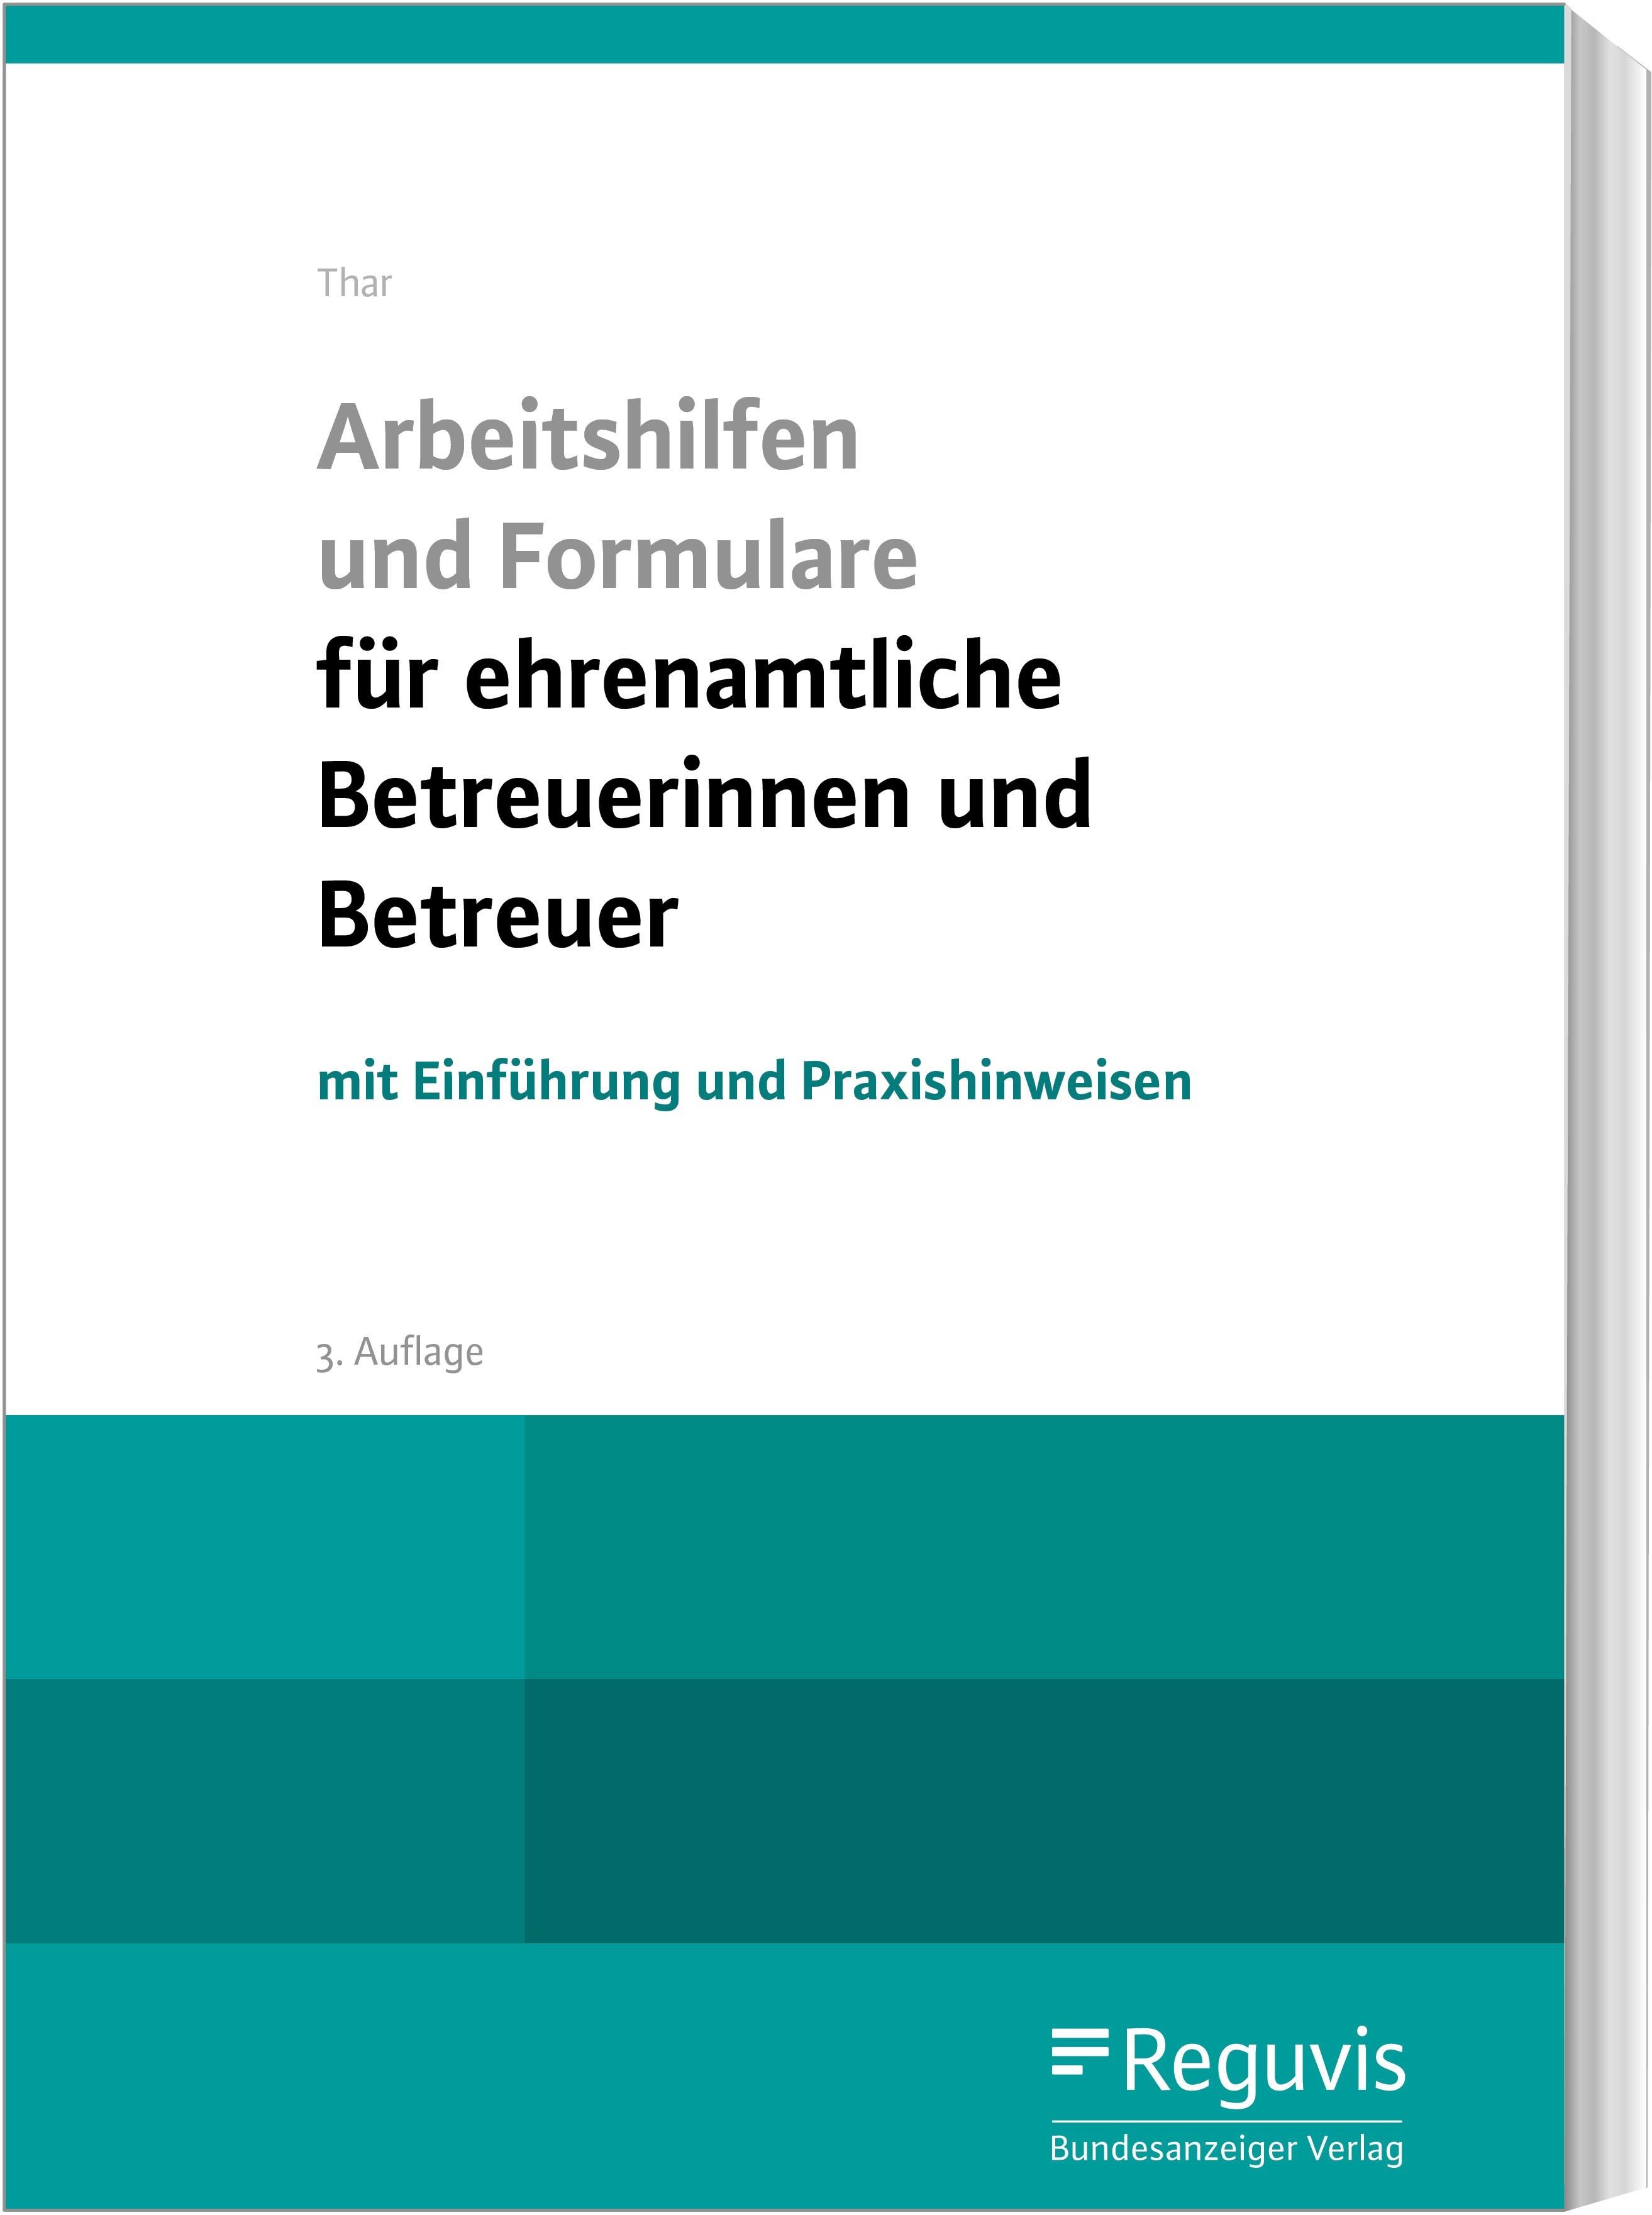 Abbildung von Thar   Arbeitshilfen und Formulare für ehrenamtliche Betreuerinnen und Betreuer   3., überarbeitete Auflage   2019